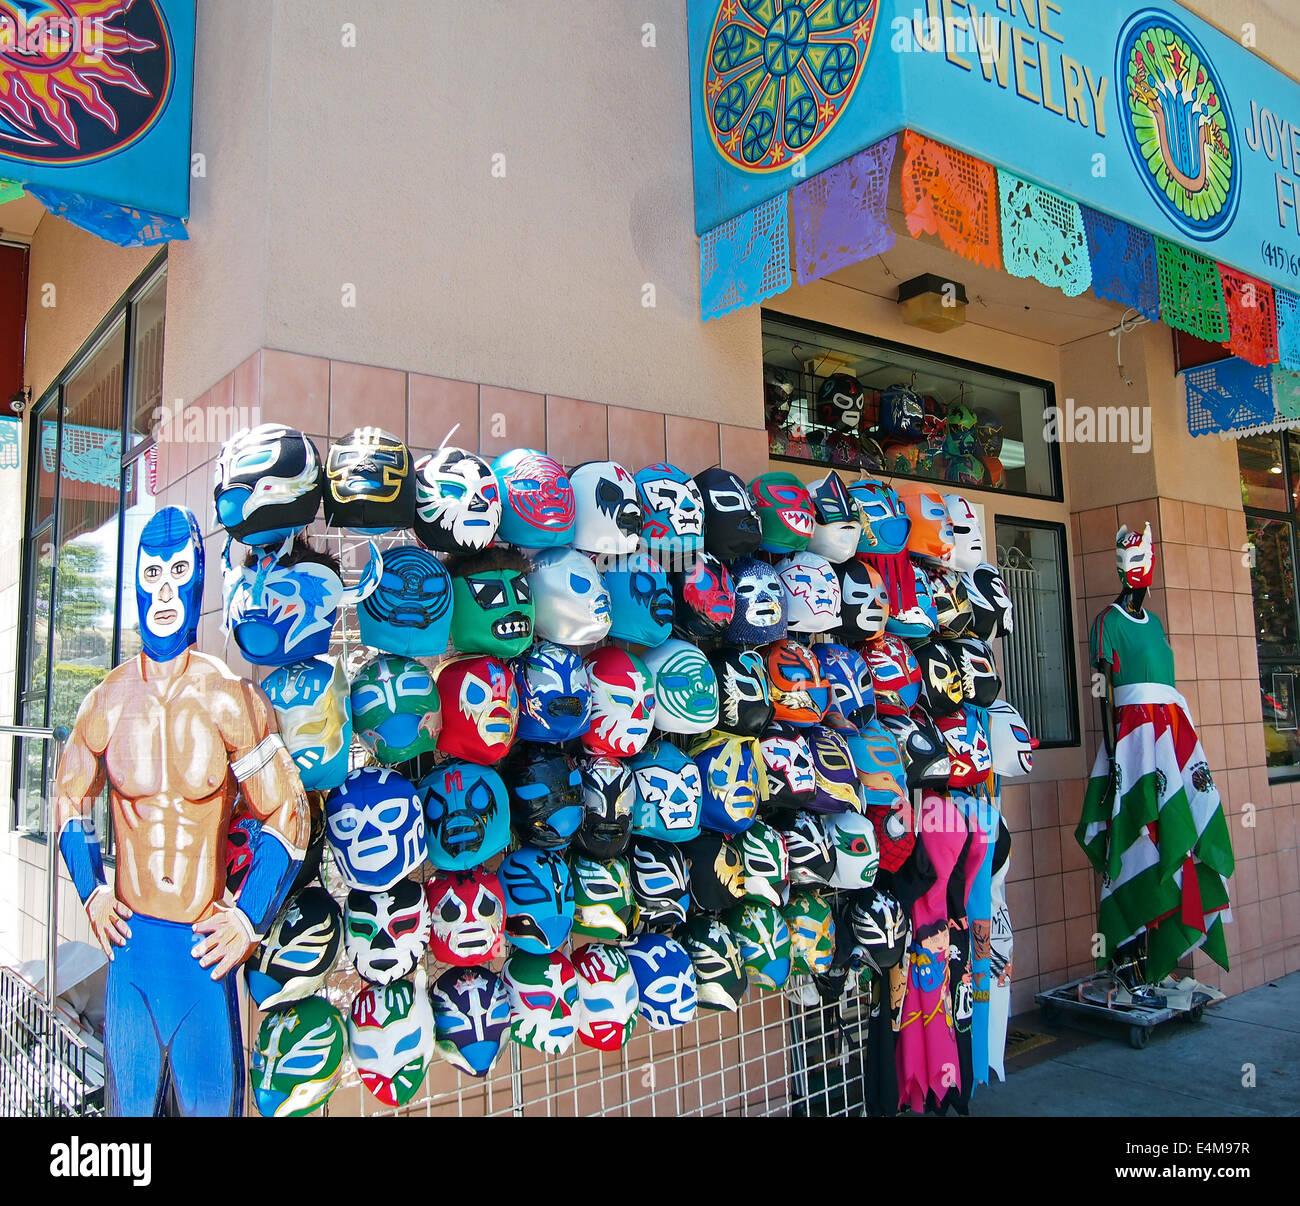 Máscaras de lucha libre mexicana para la venta, el Distrito Misión, San Francisco. Imagen De Stock